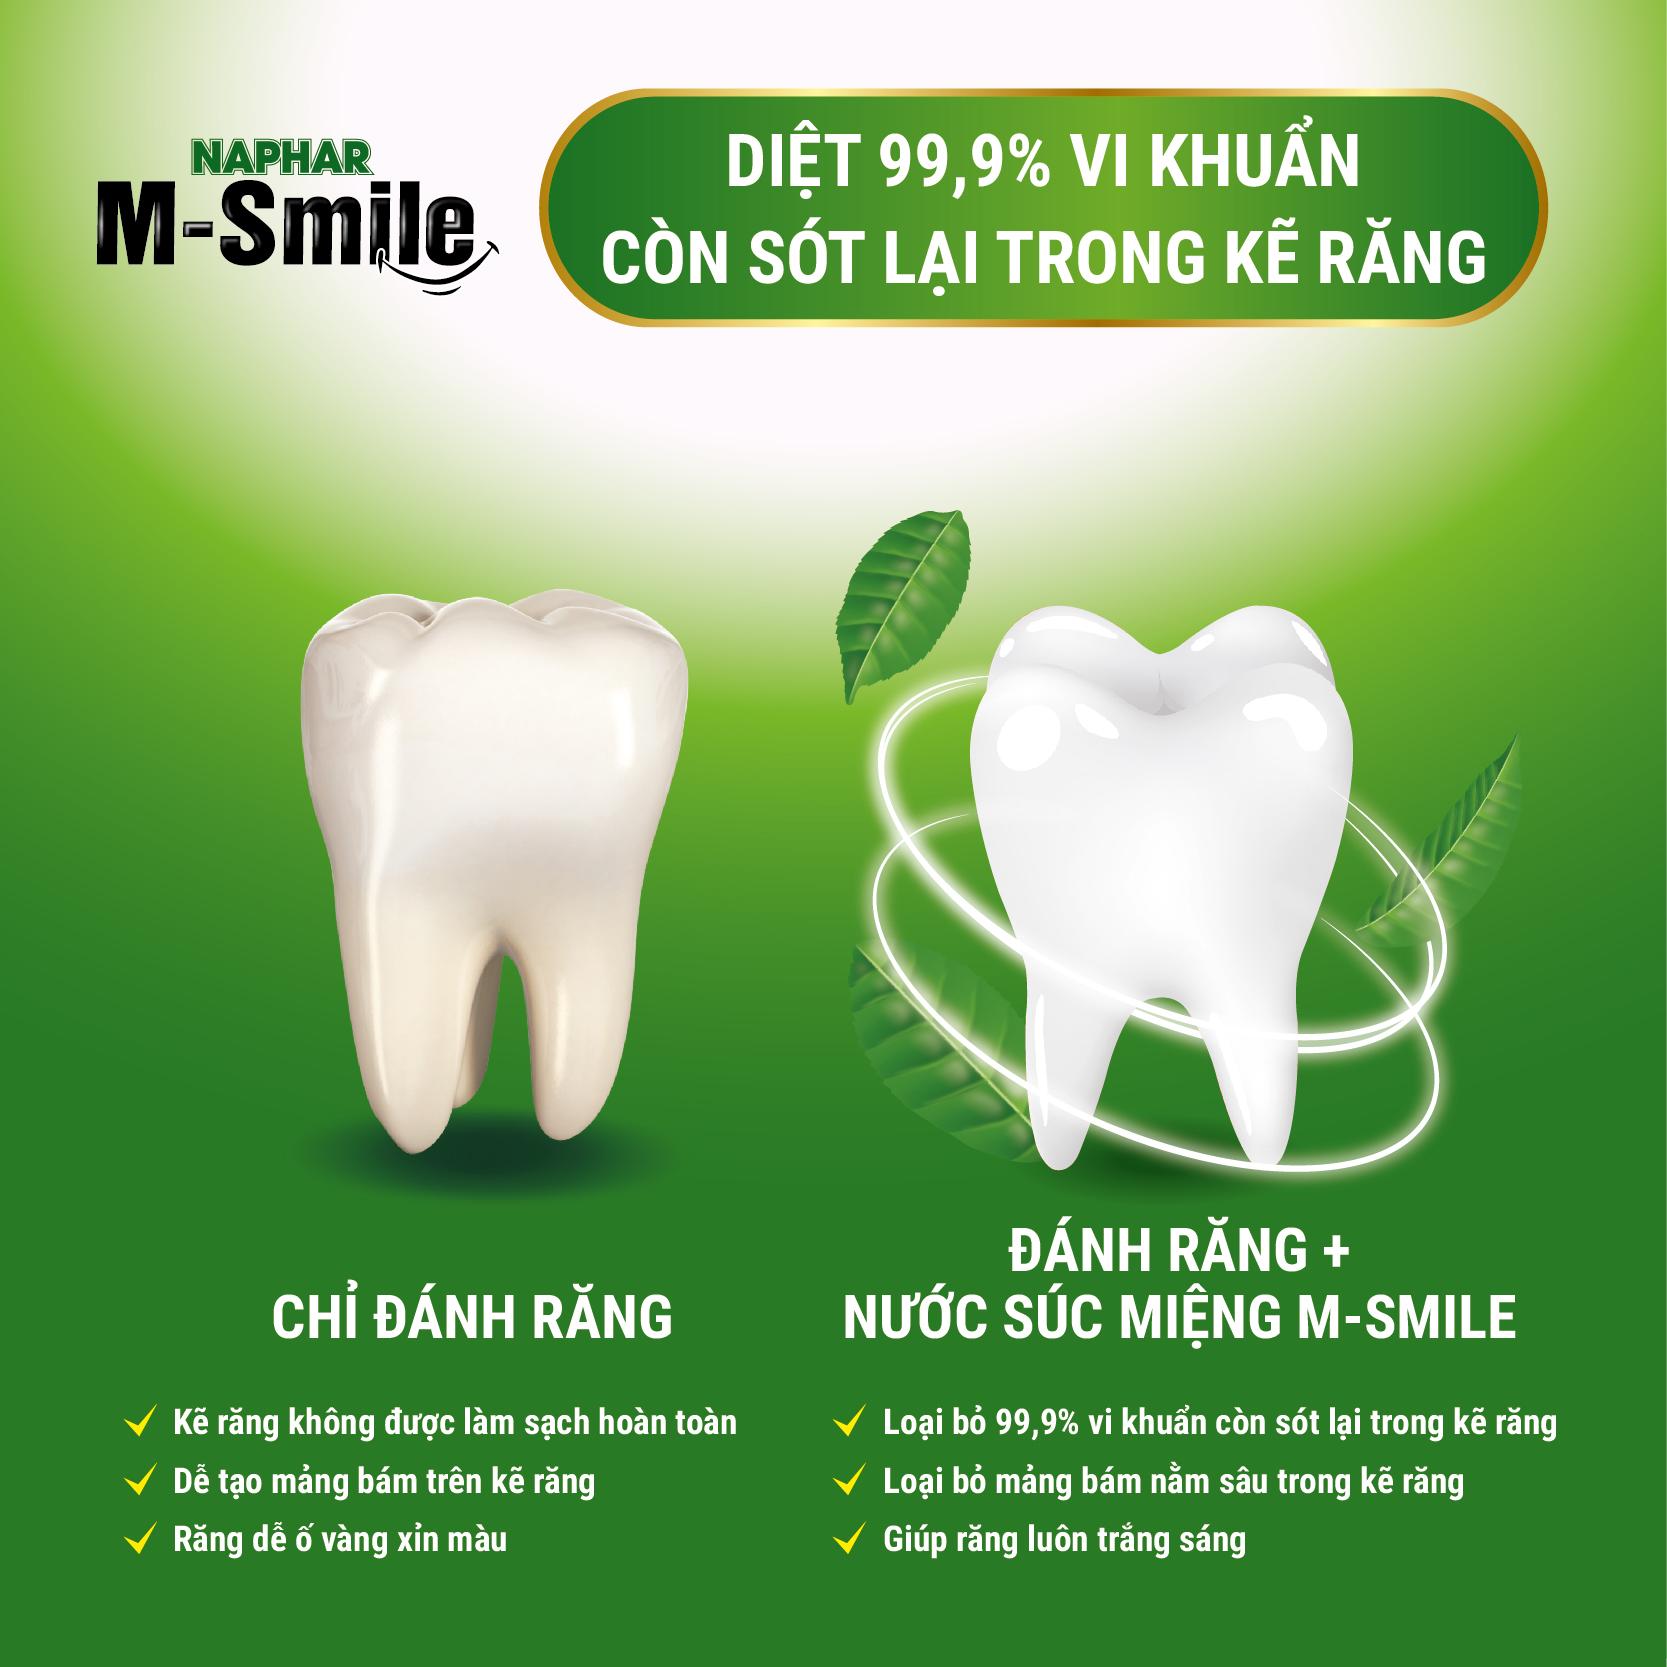 Nước súc miệng Naphar M-Smile 500ml